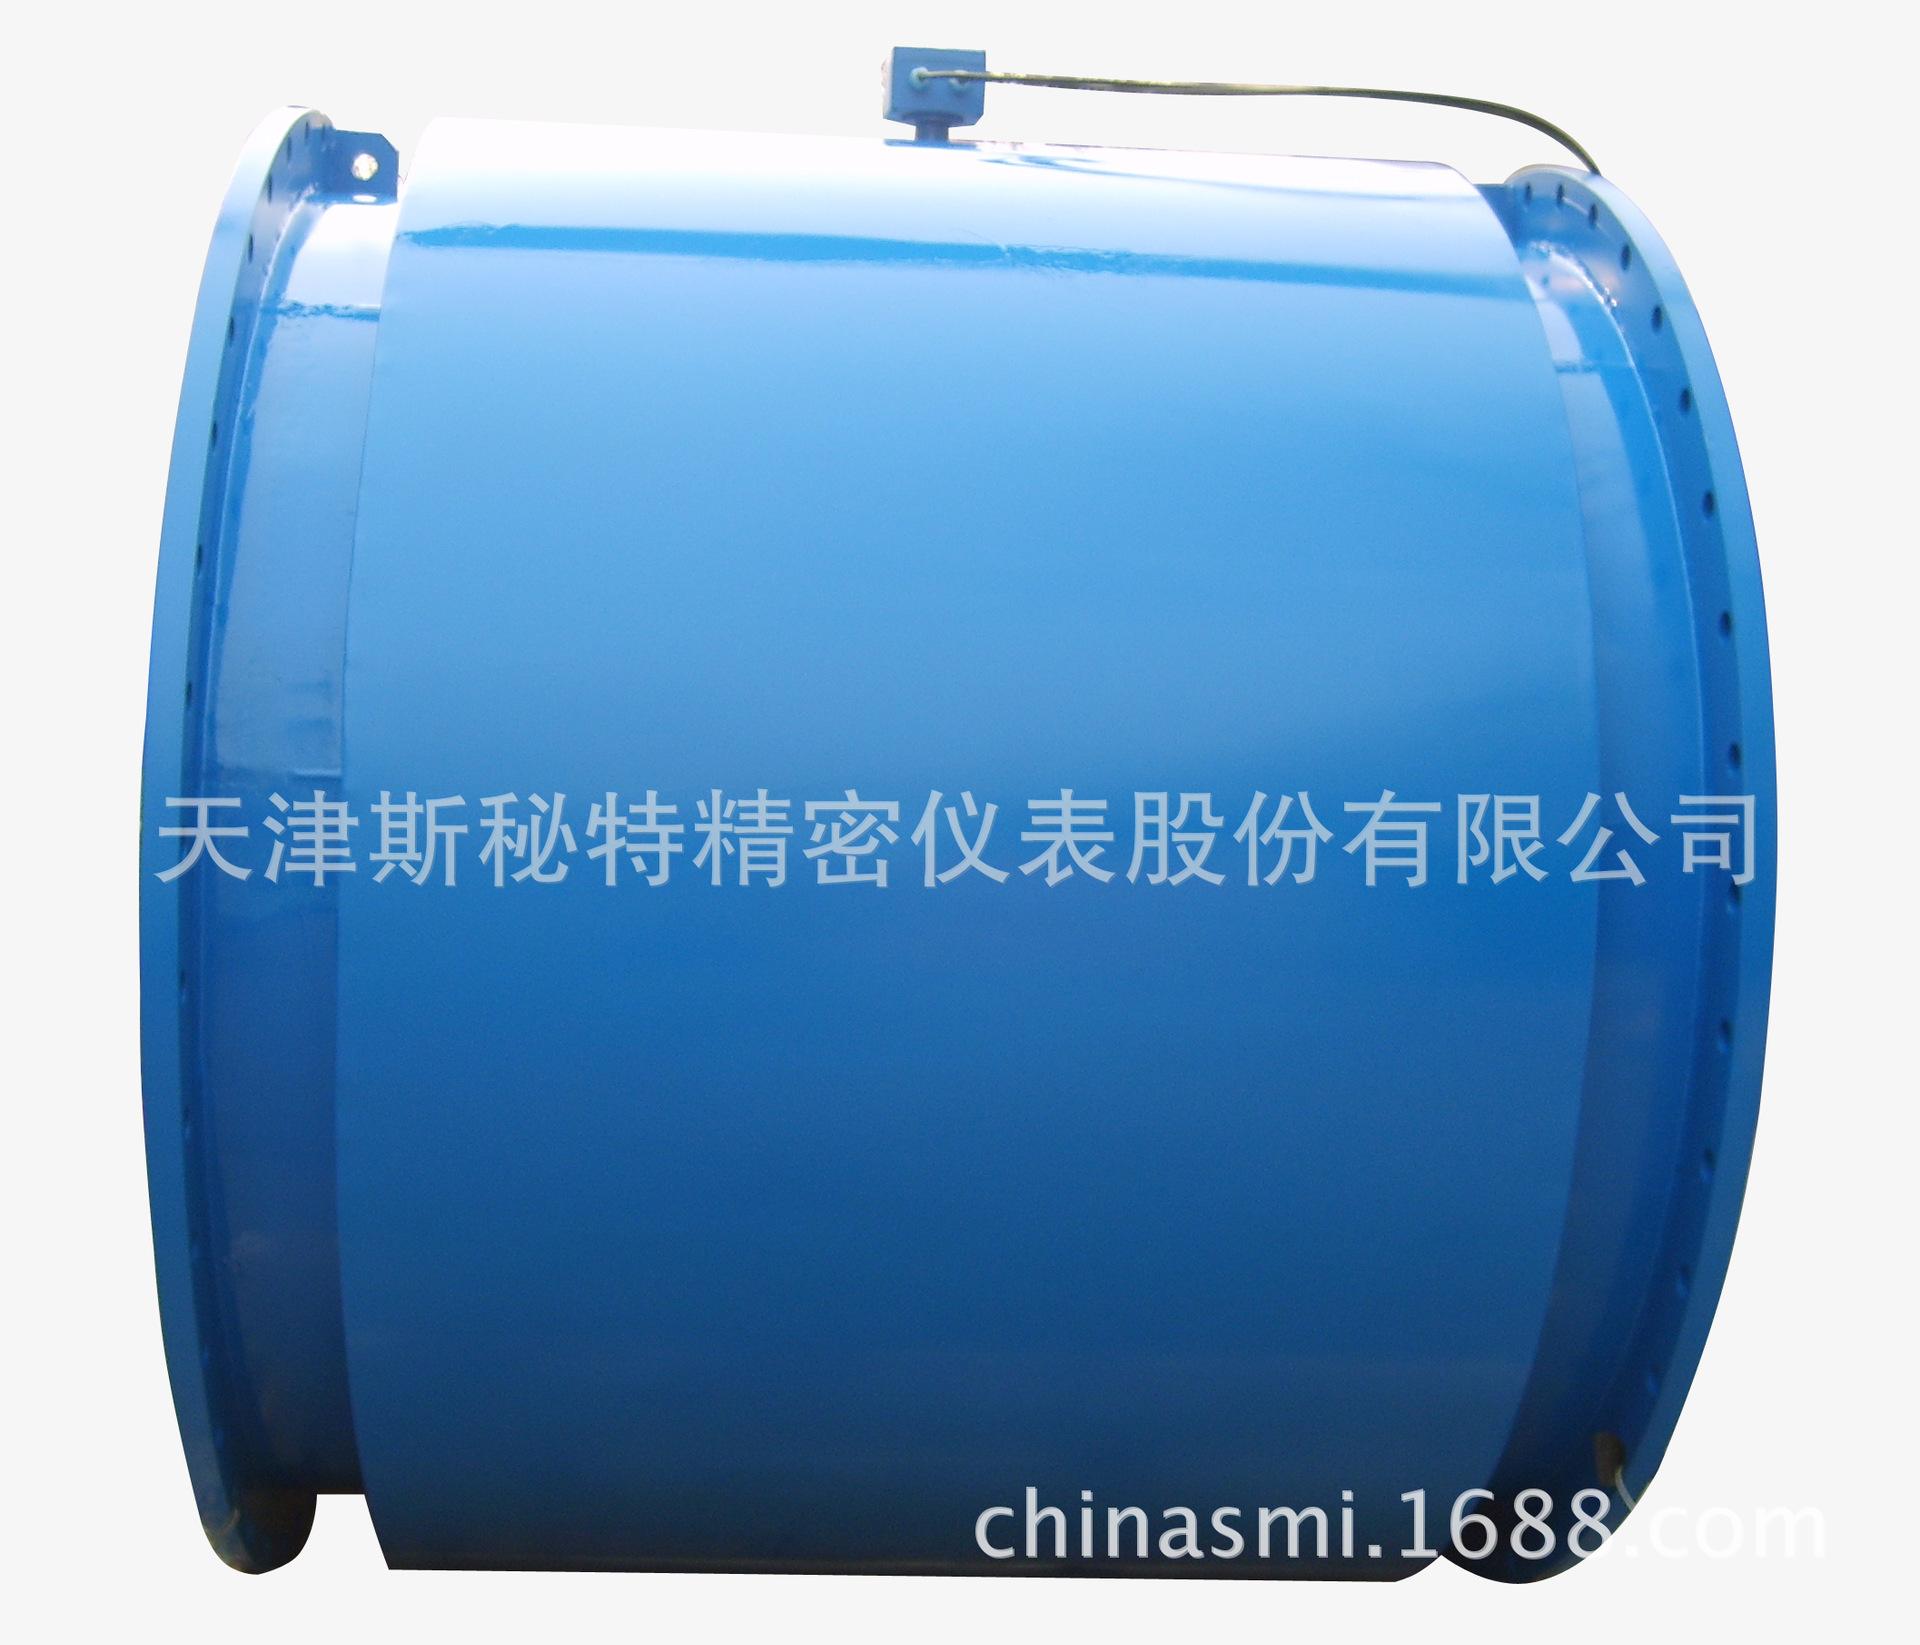 供应热量表泥浆流量计 酸液流量计 生活用水流量计 污水流量计